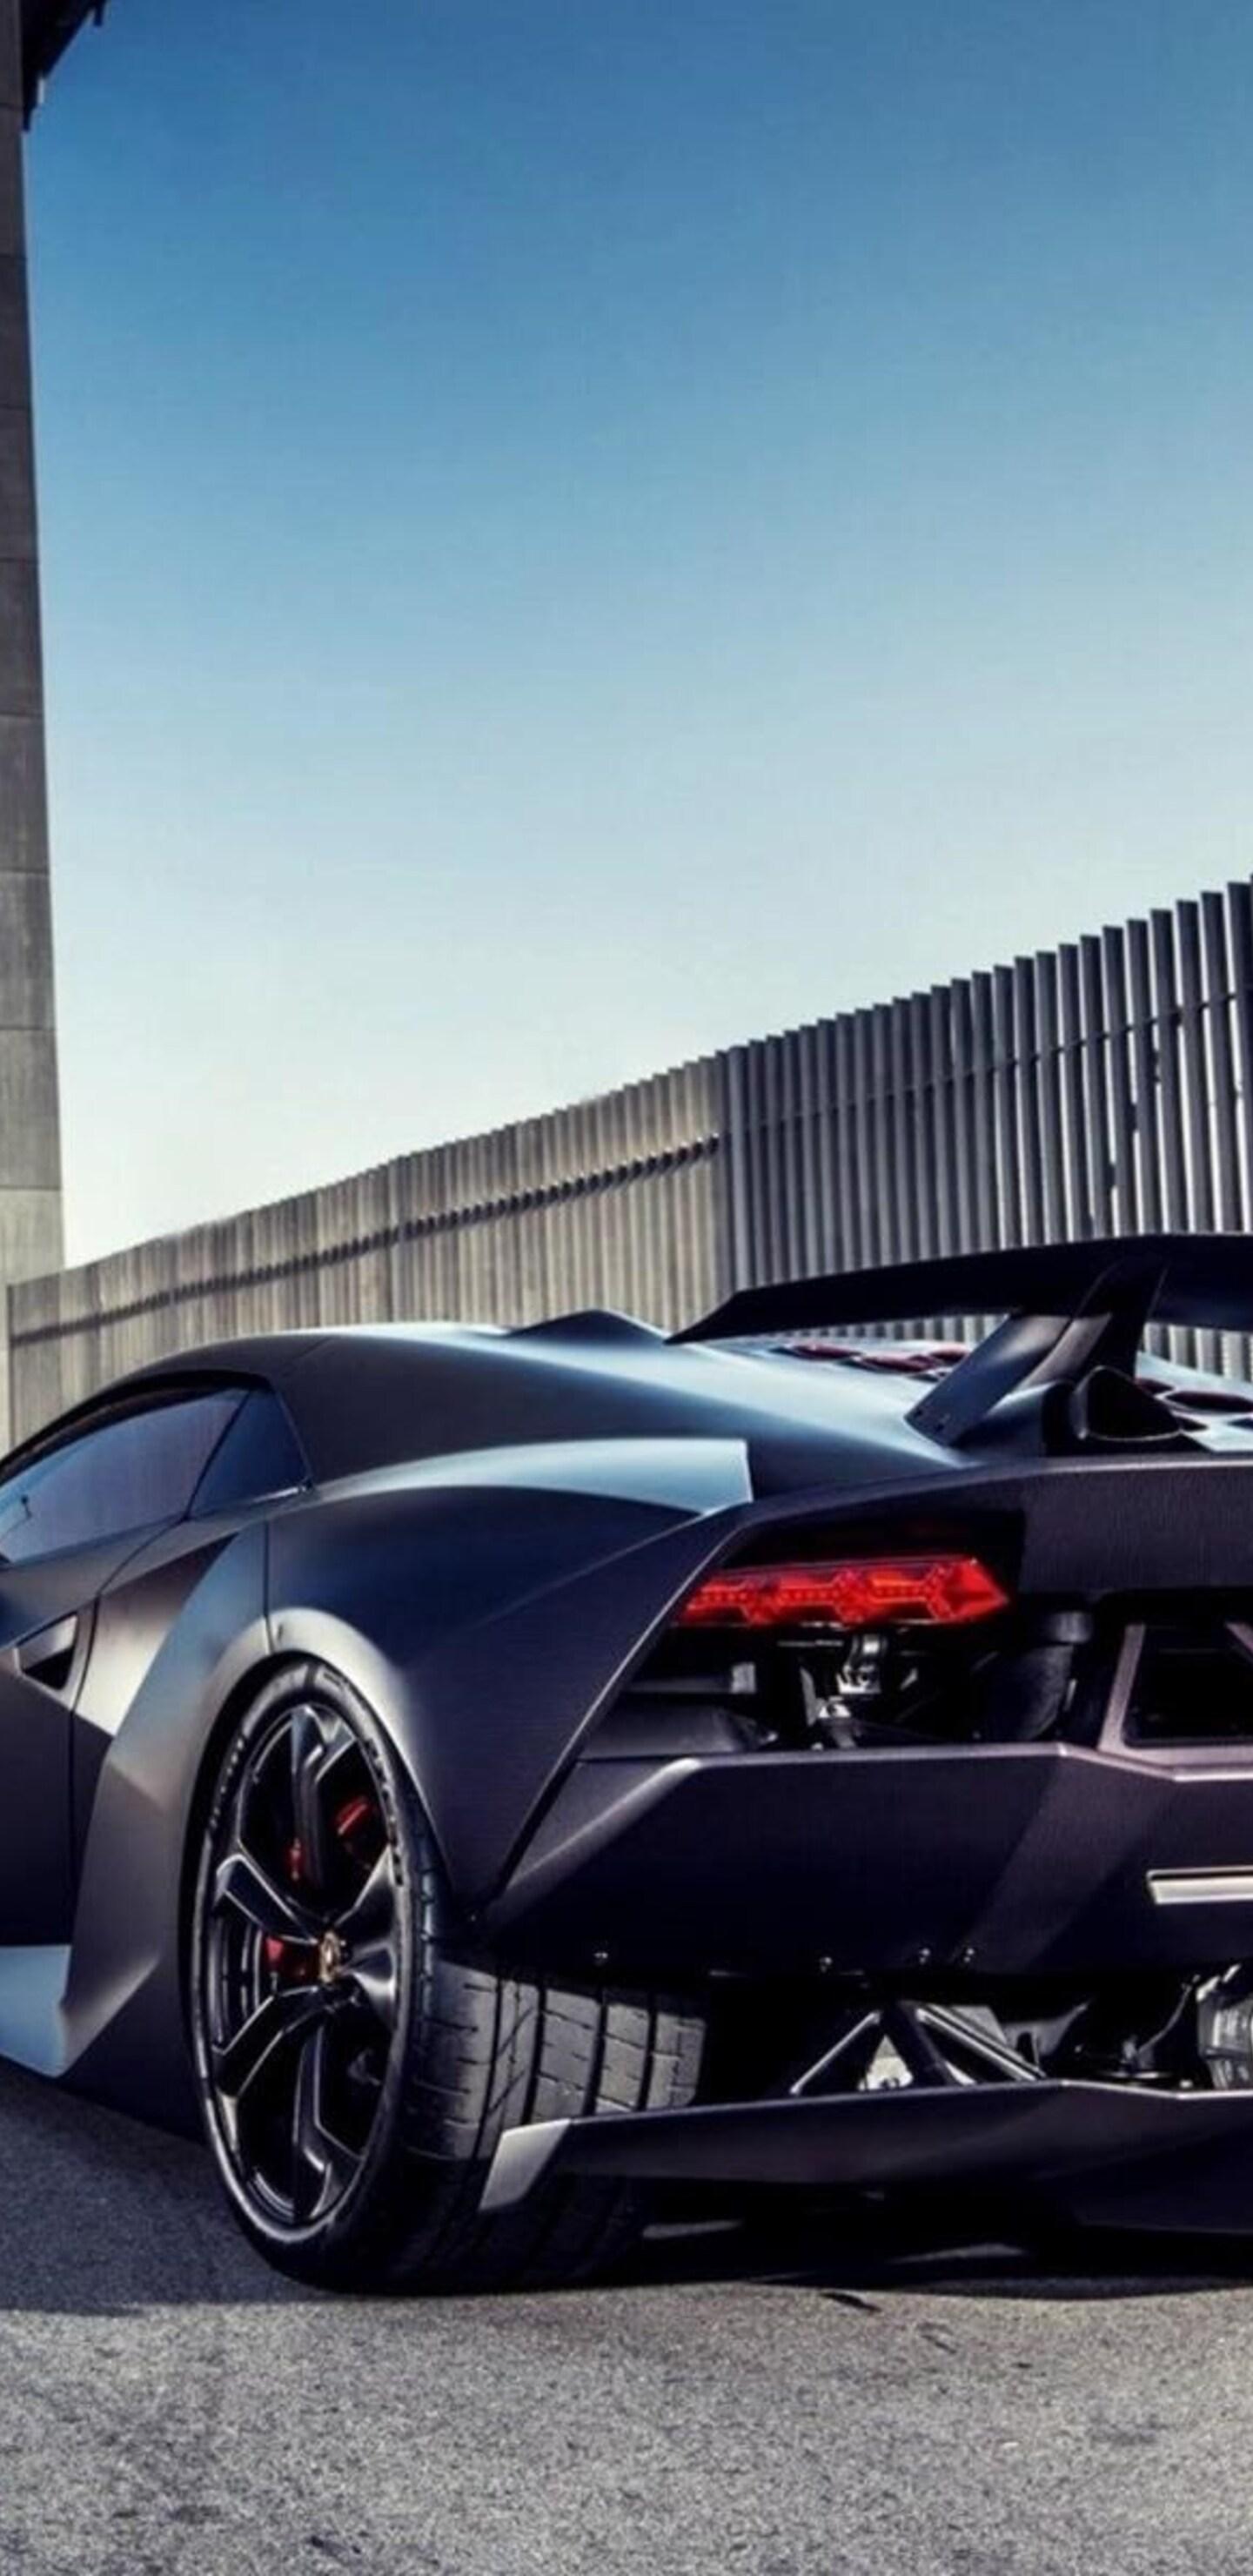 1440x2960 Lamborghini Sesto Elemento Samsung Galaxy Note 9 8 S9 S8